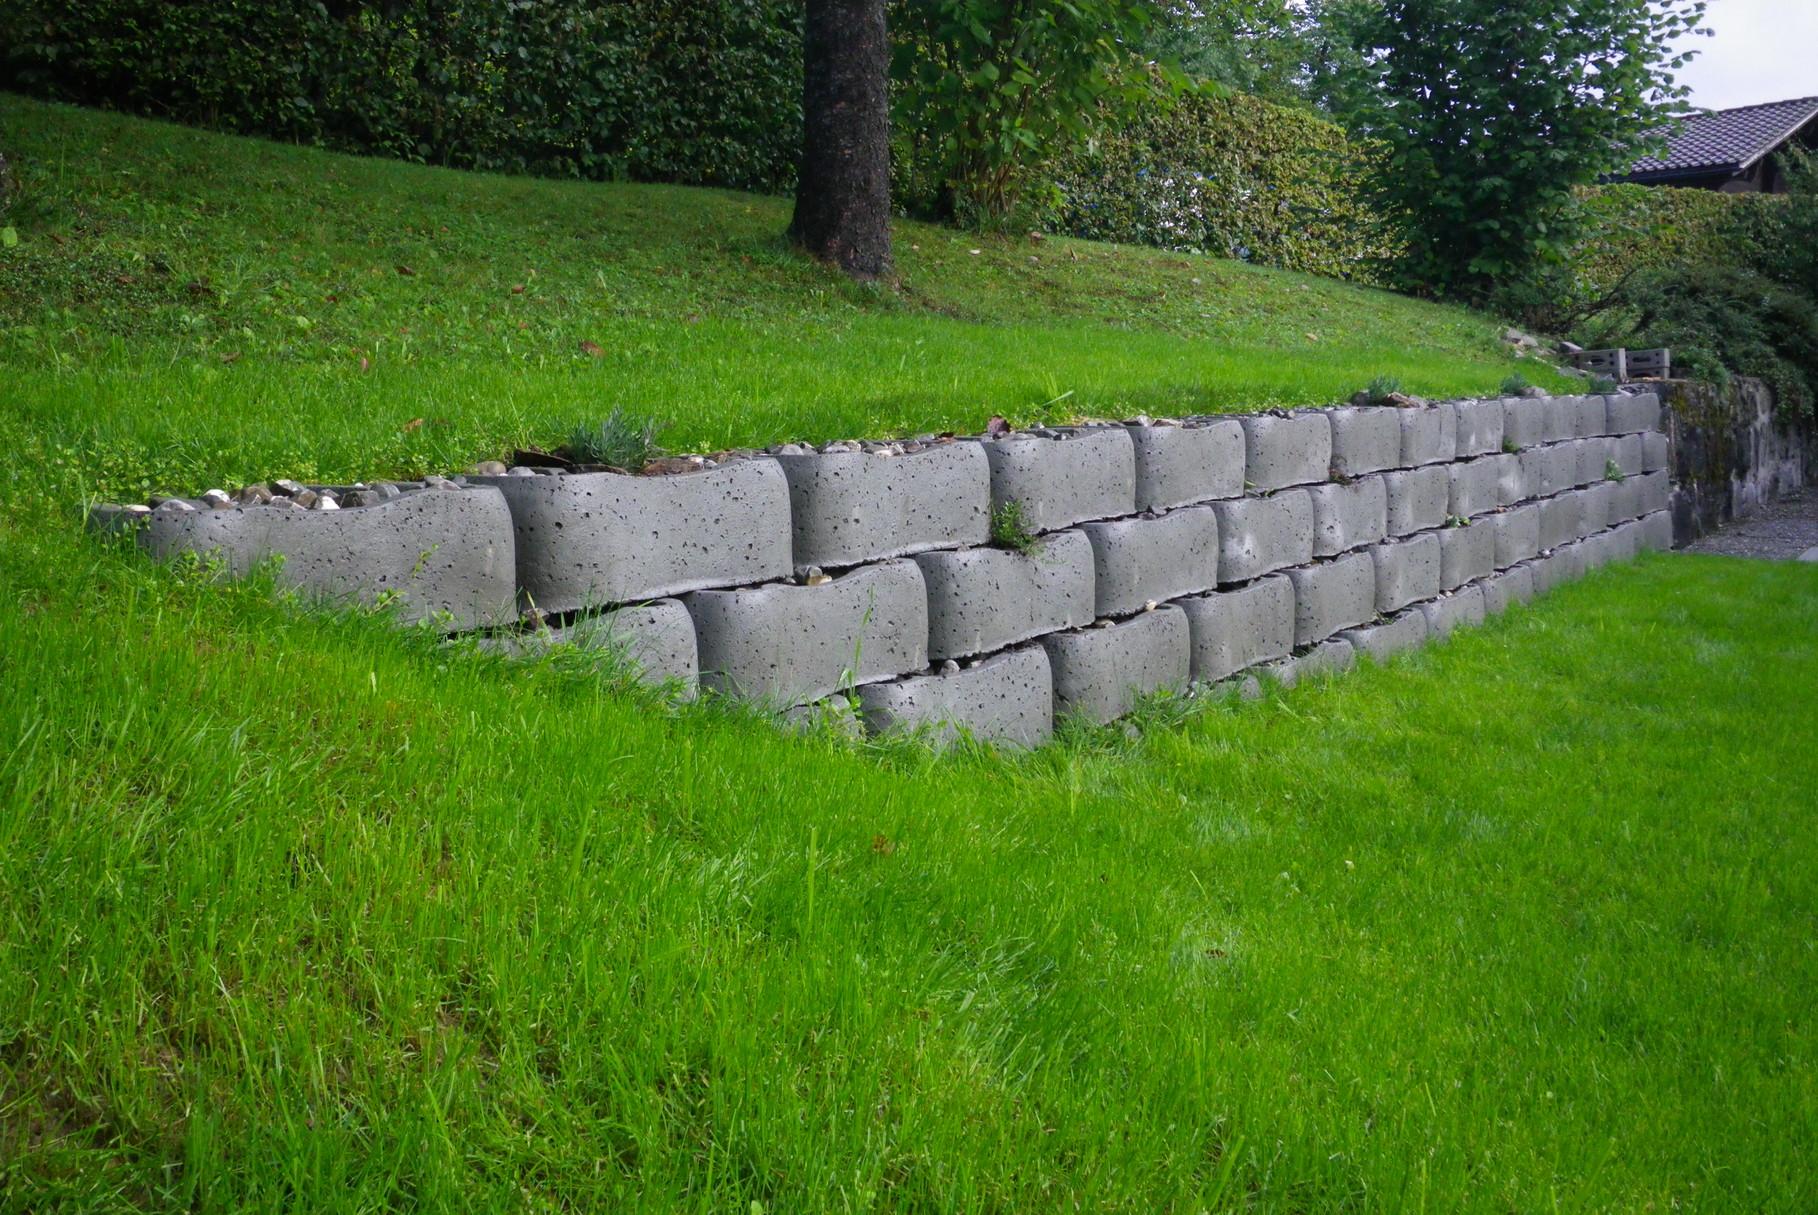 Löffelsteinmauer Lehrlingsarbeit 3 Lehrjahr